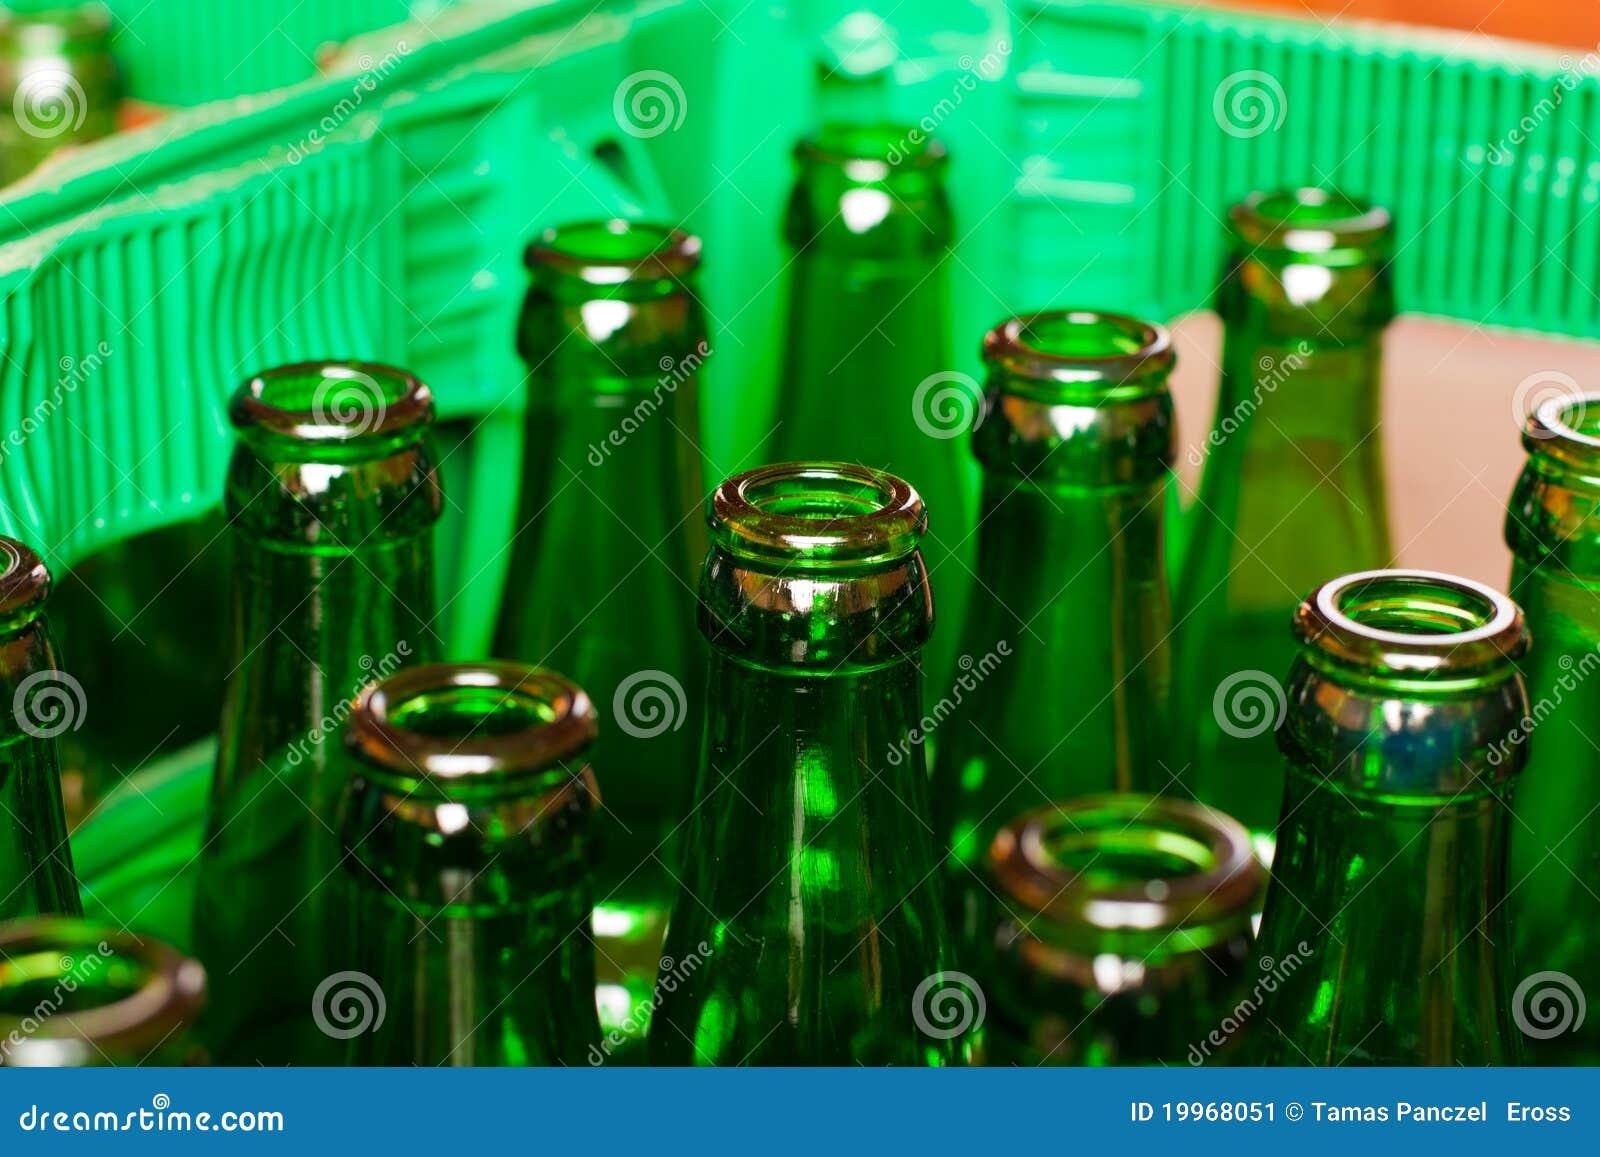 caisse avec les bouteilles bire vides - Caisse Biere Plastique